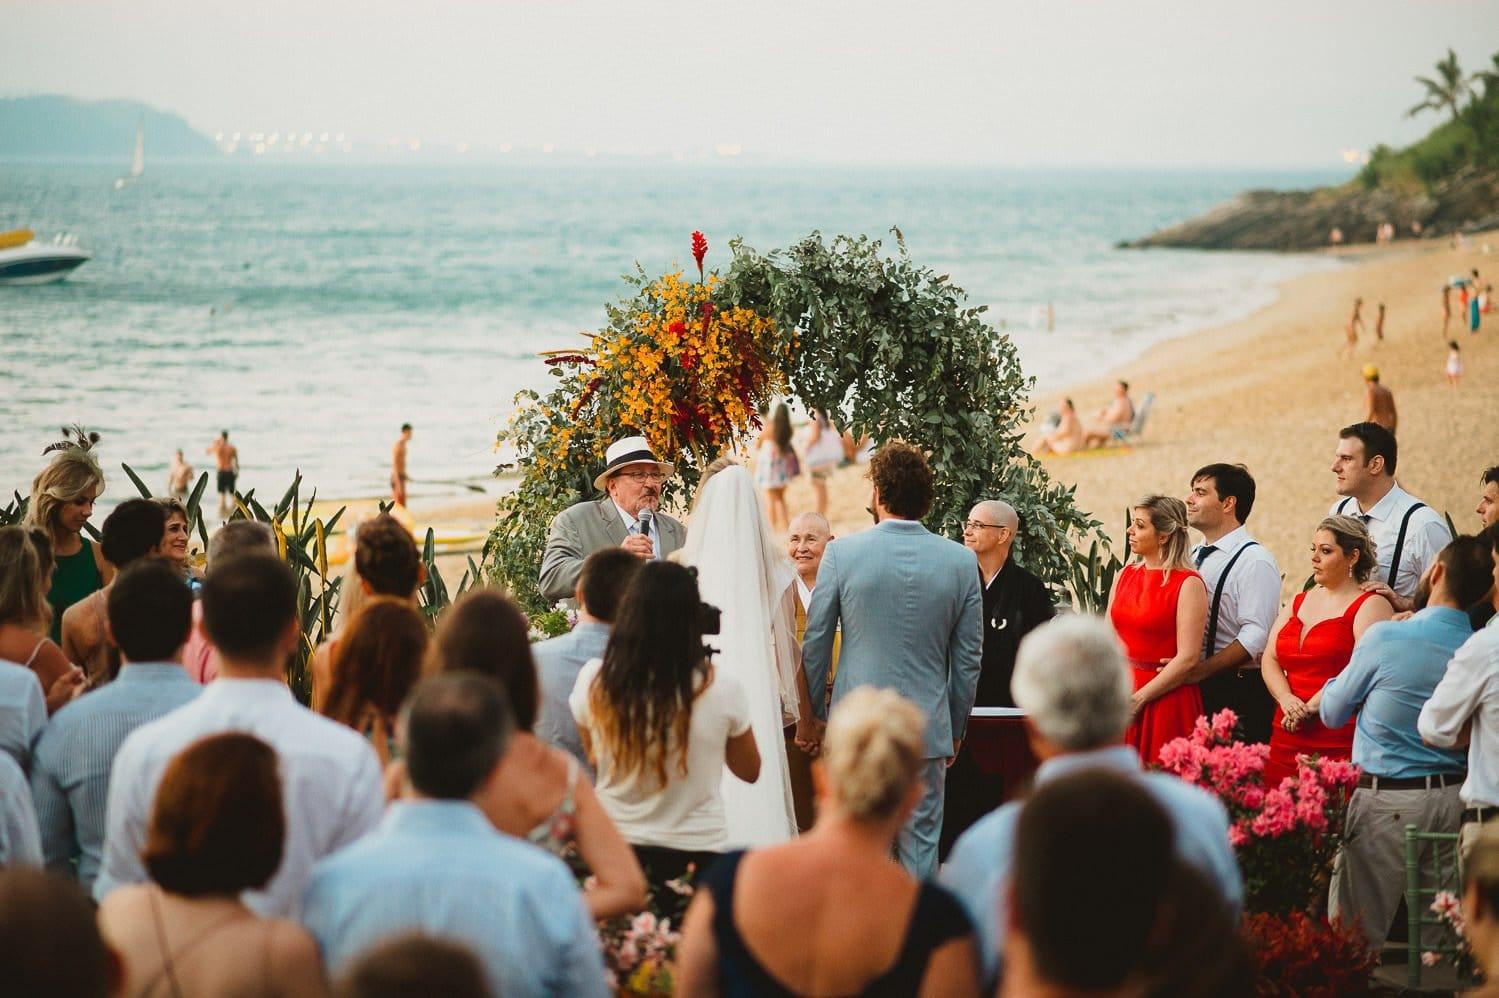 casamento-ilhabela-36 Casamento Ilhabela - Fazenda São Mathias - Virginia e José